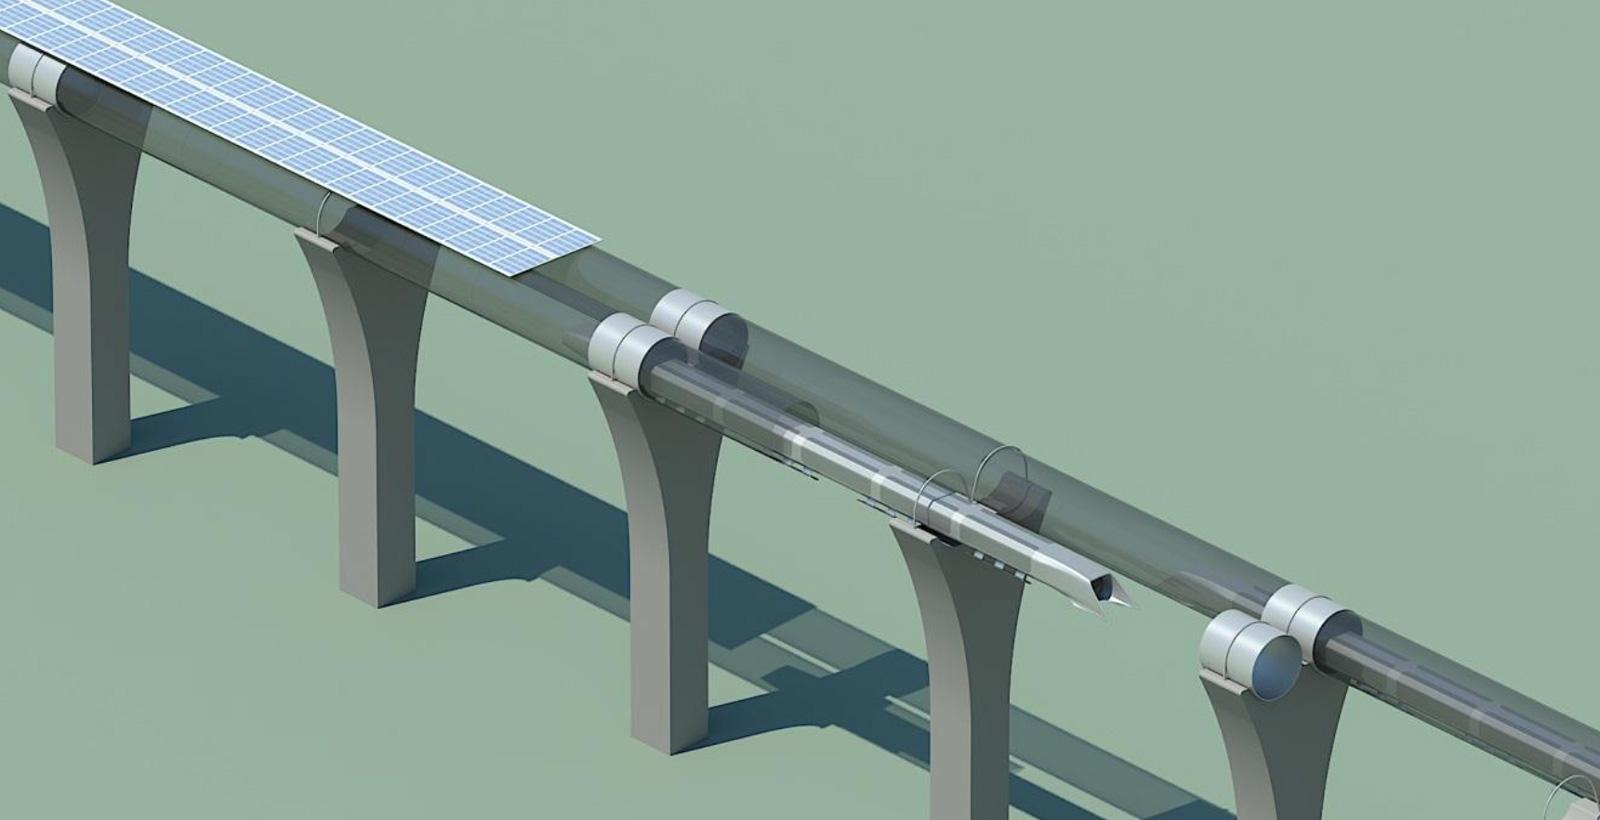 La découpe des tubes munis de panneaux solaire (Image : Tesla).